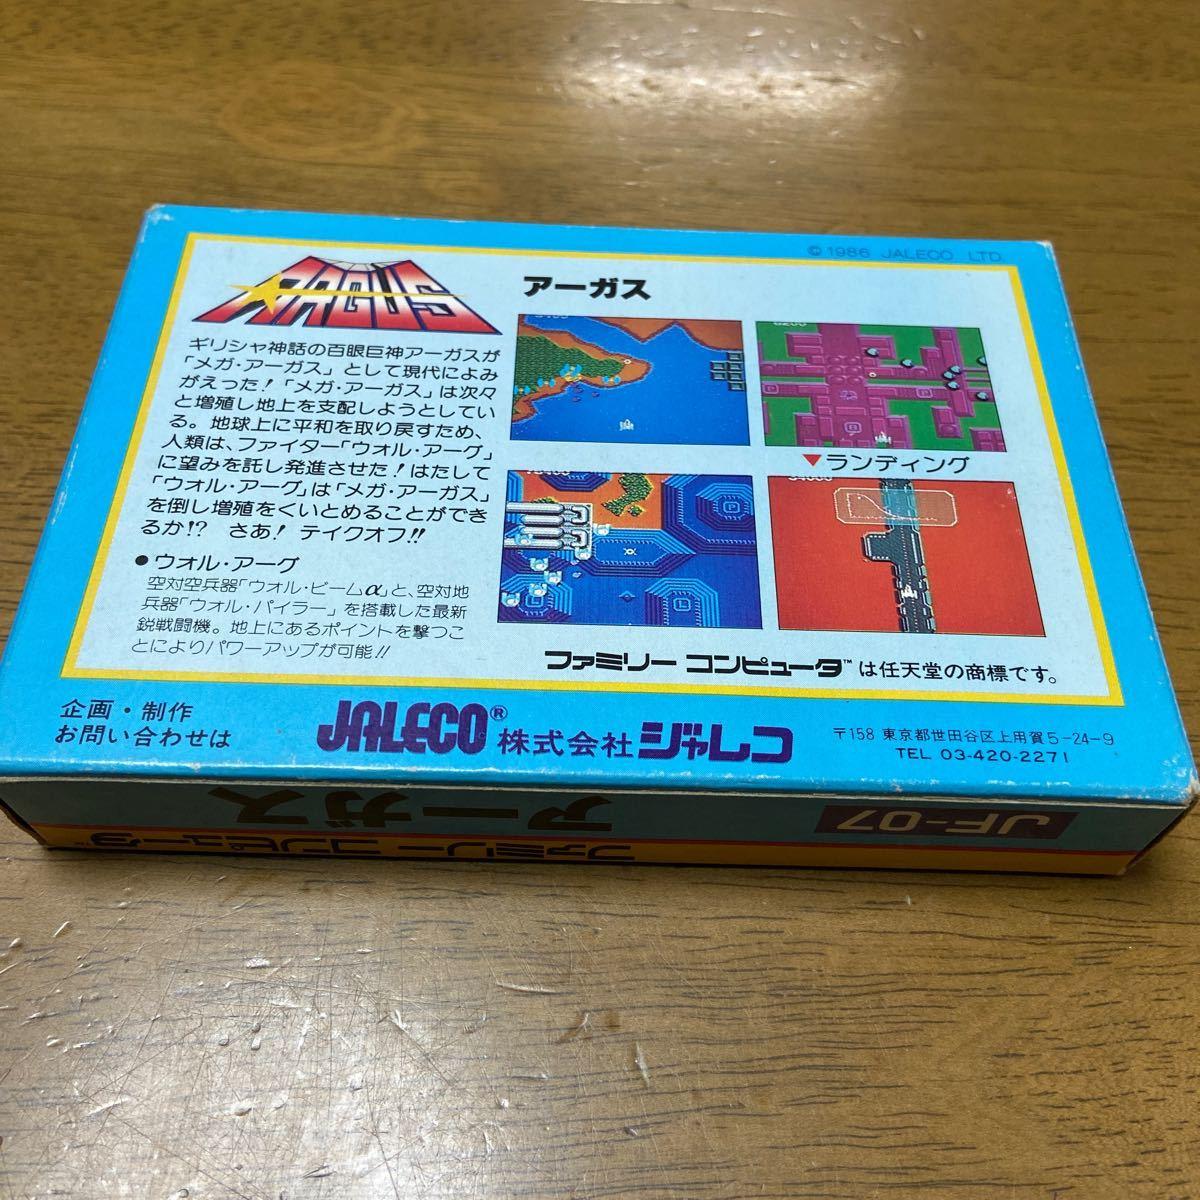 ファミコンソフト アーガス ジャレコ シューティングゲーム レトロゲーム ファミリーコンピュータ